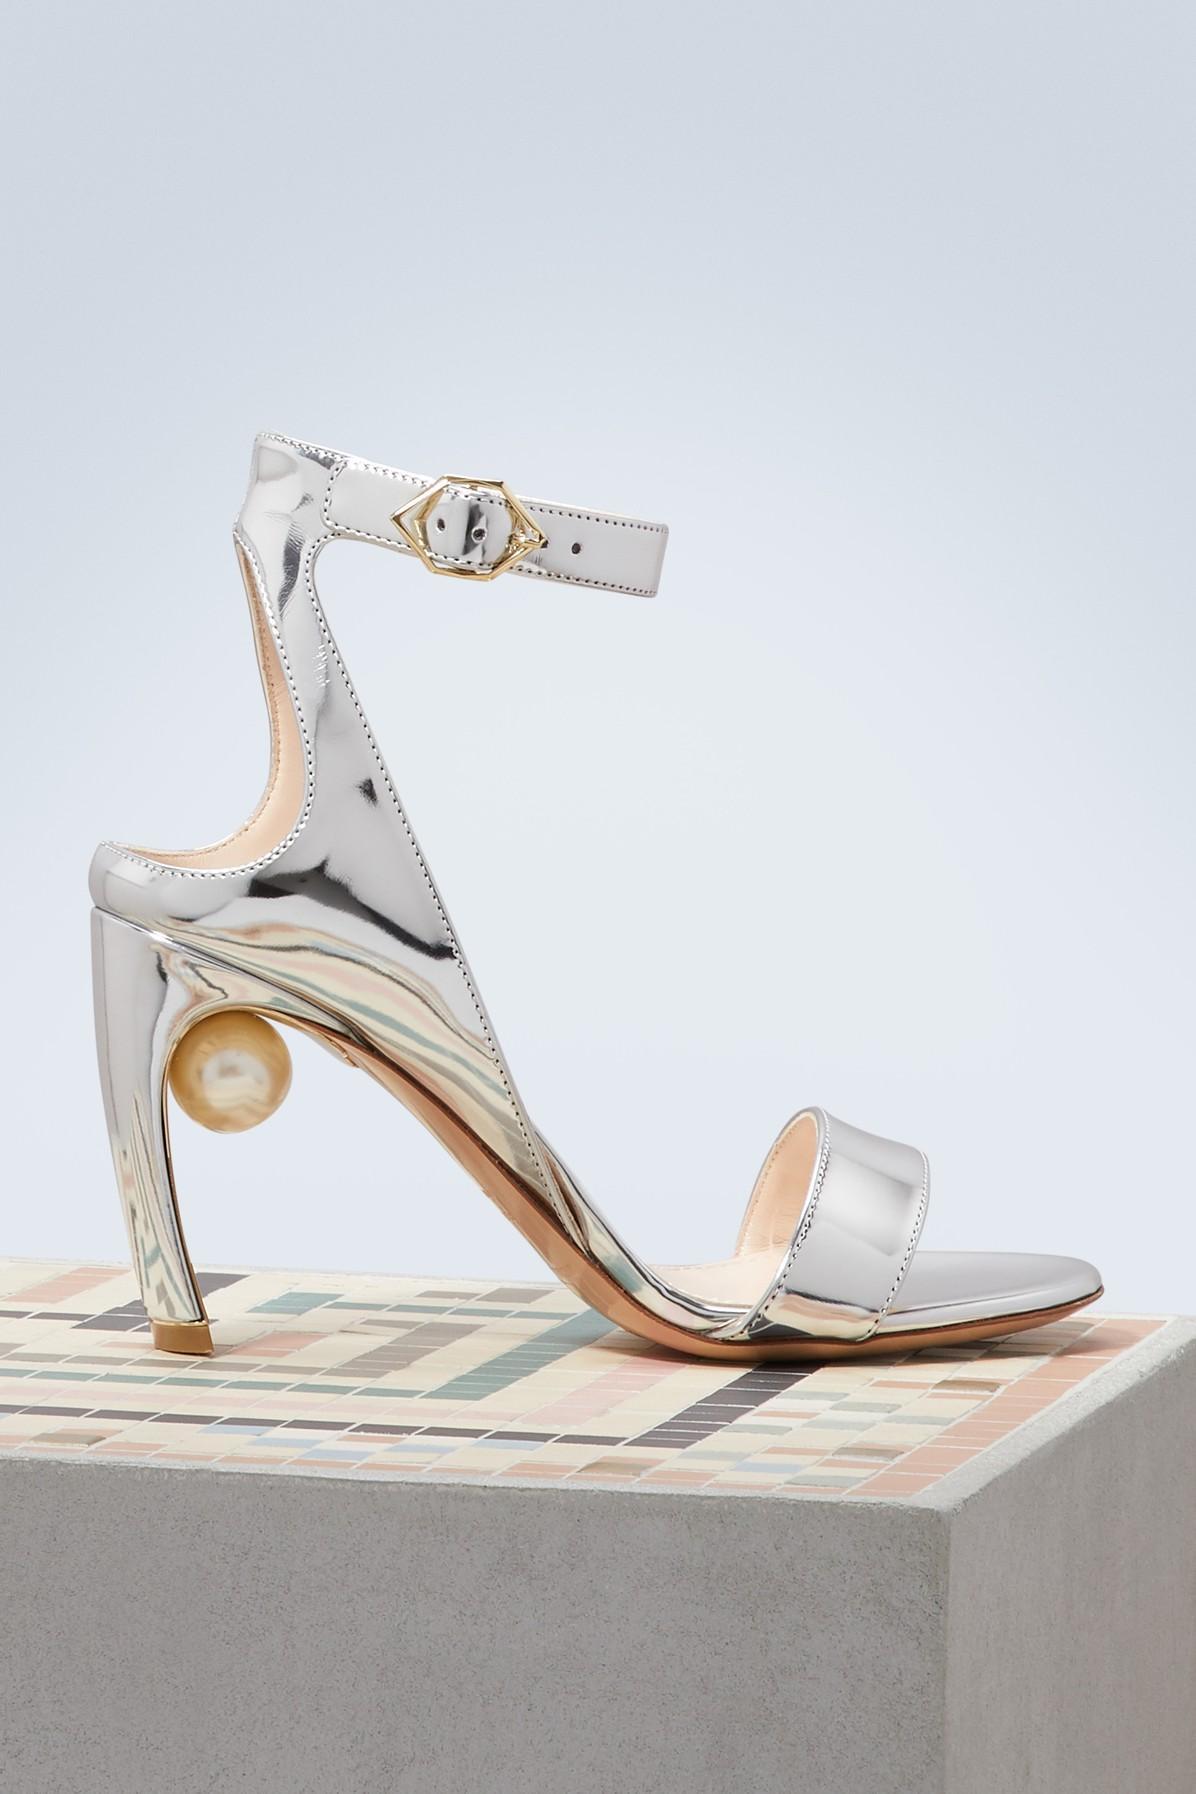 fbae4d03fde Lyst - Nicholas Kirkwood Lola Pearl Sandals in Metallic